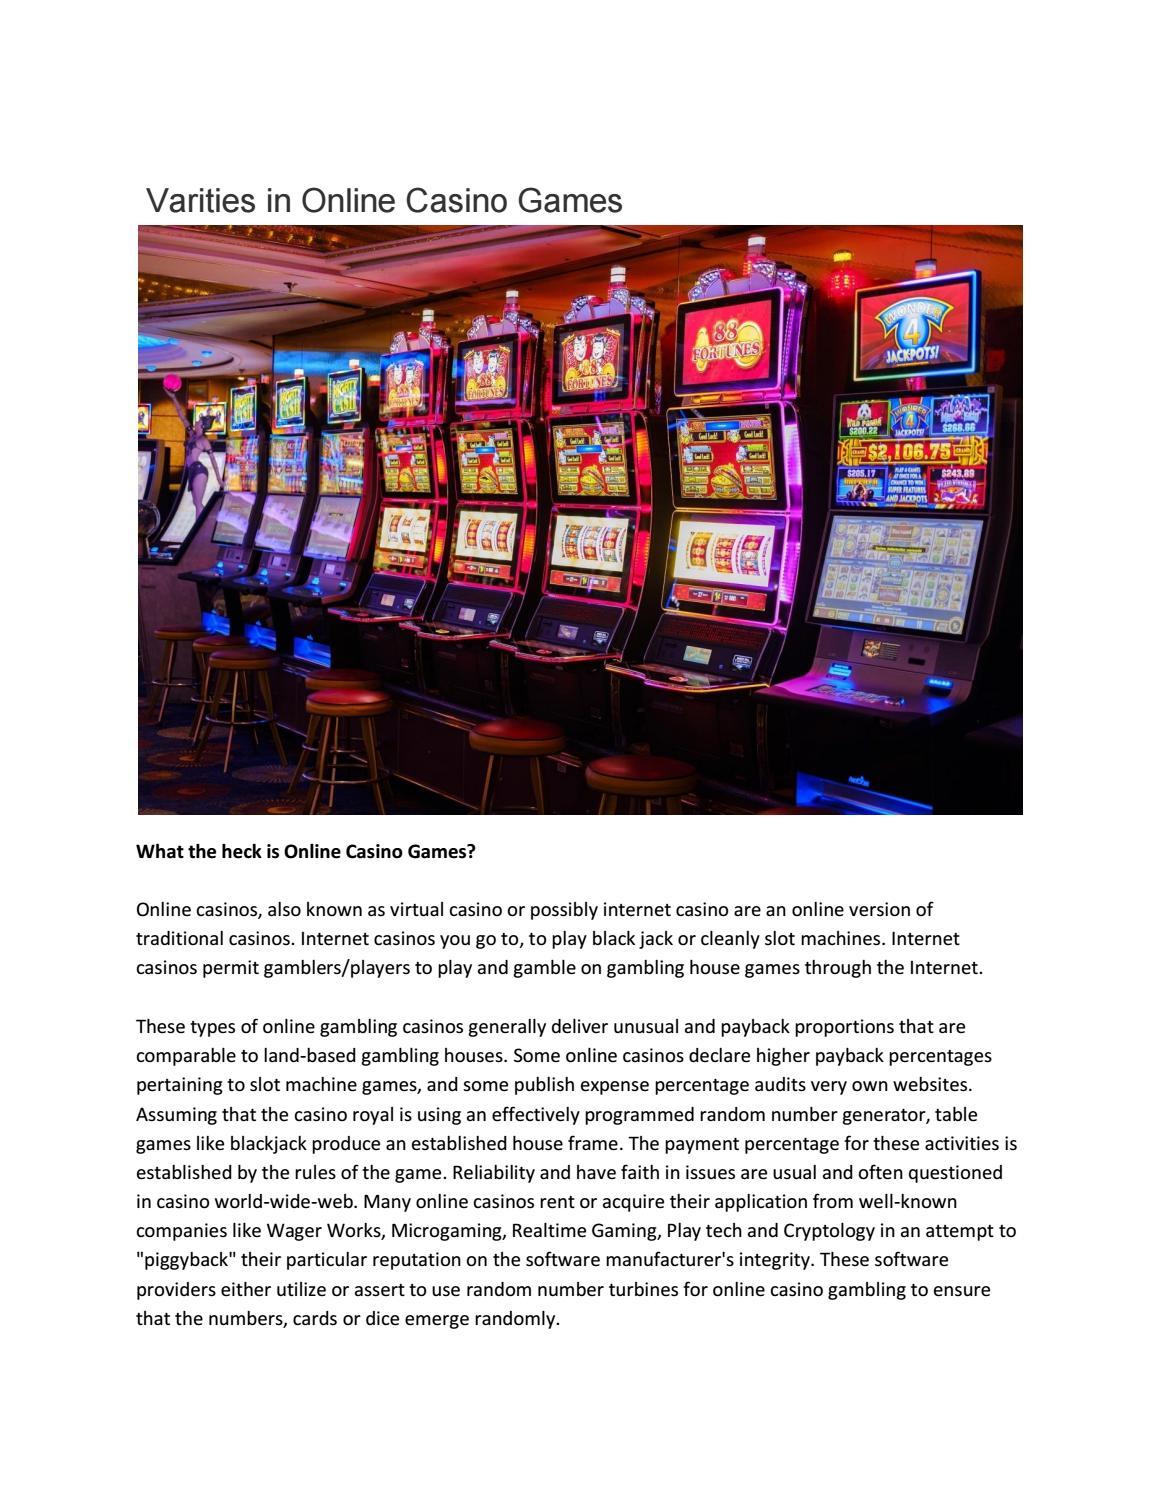 Bingo online cassino 317784